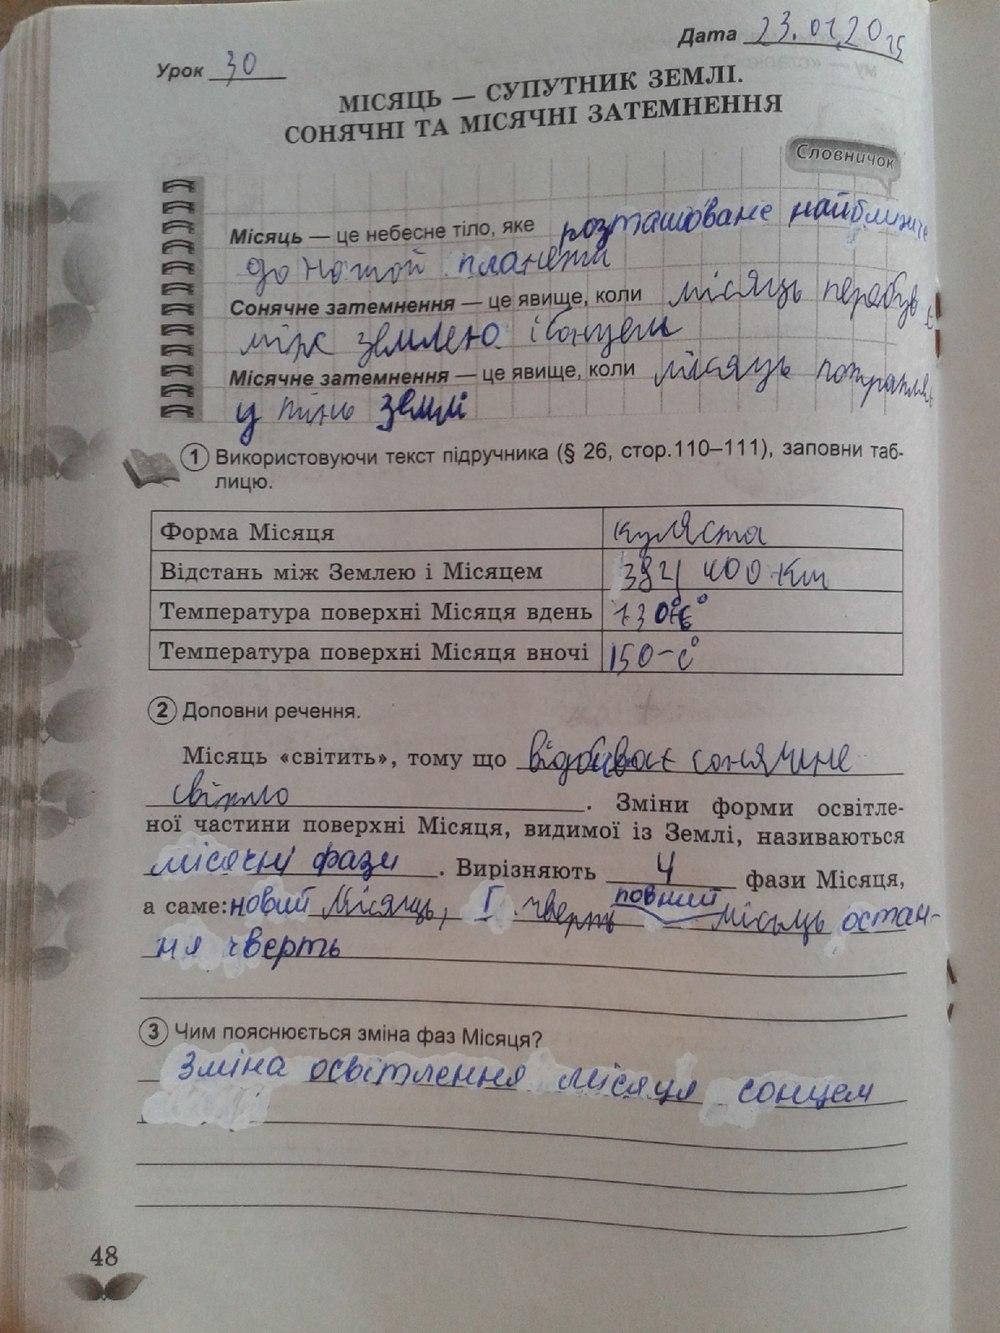 ГДЗ відповіді робочий зошит по биологии 5 класс Коршевнюк Т.В., Ярошенко О.Г.. Задание: стр. 48